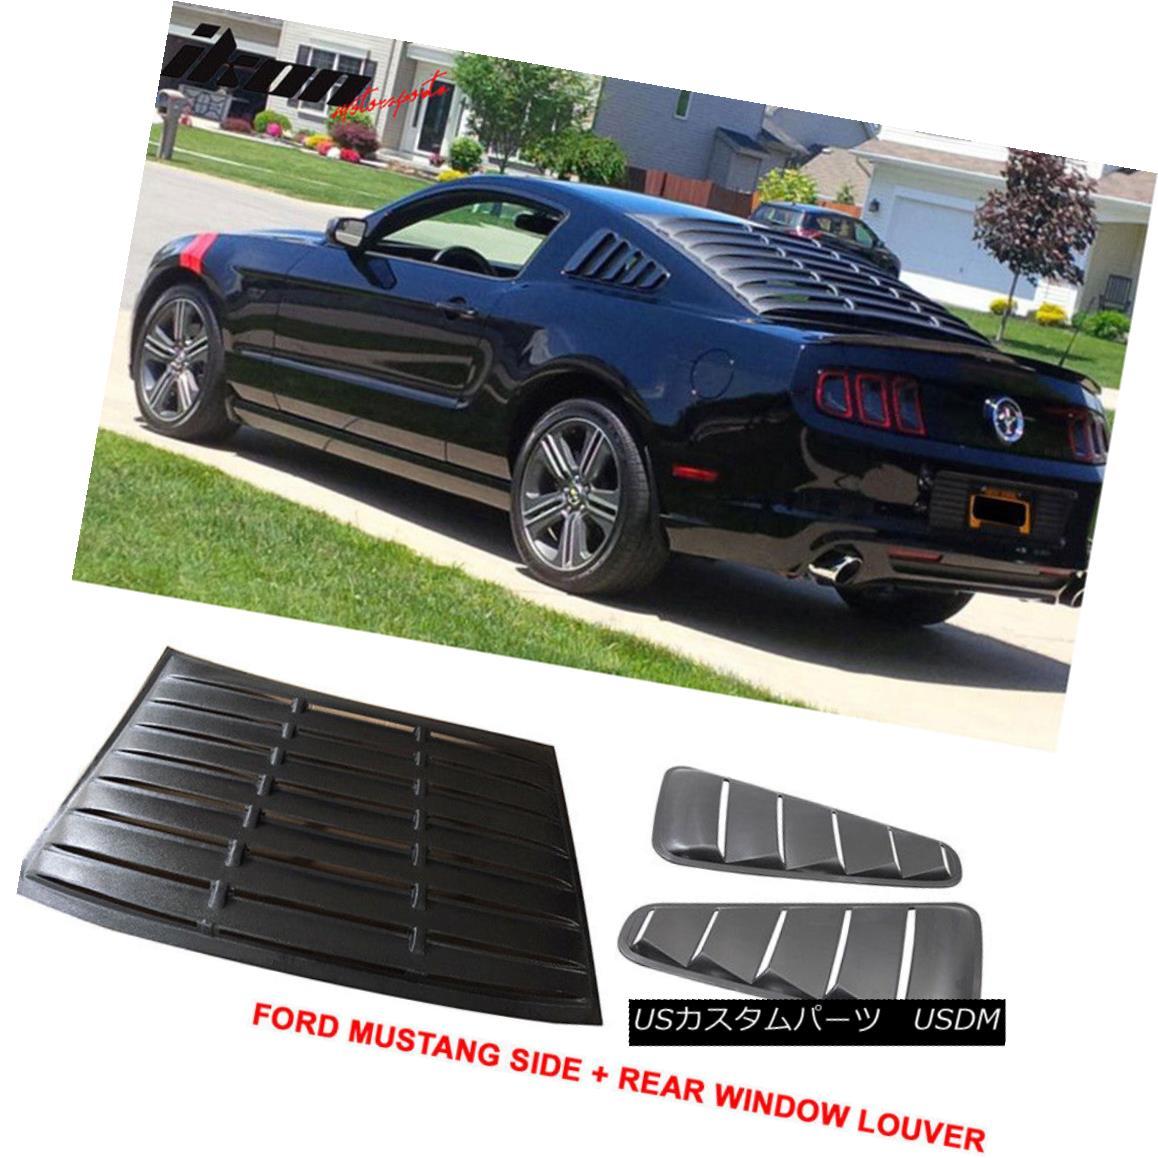 エアロパーツ For 10-14 Ford Mustang V6 Quarter ABS Rear + Side 5 Vents PP Window Louver Black 10-14フォードマスタングV6クォーターABSリア+サイド5ベントPPウィンドウルーバーブラック